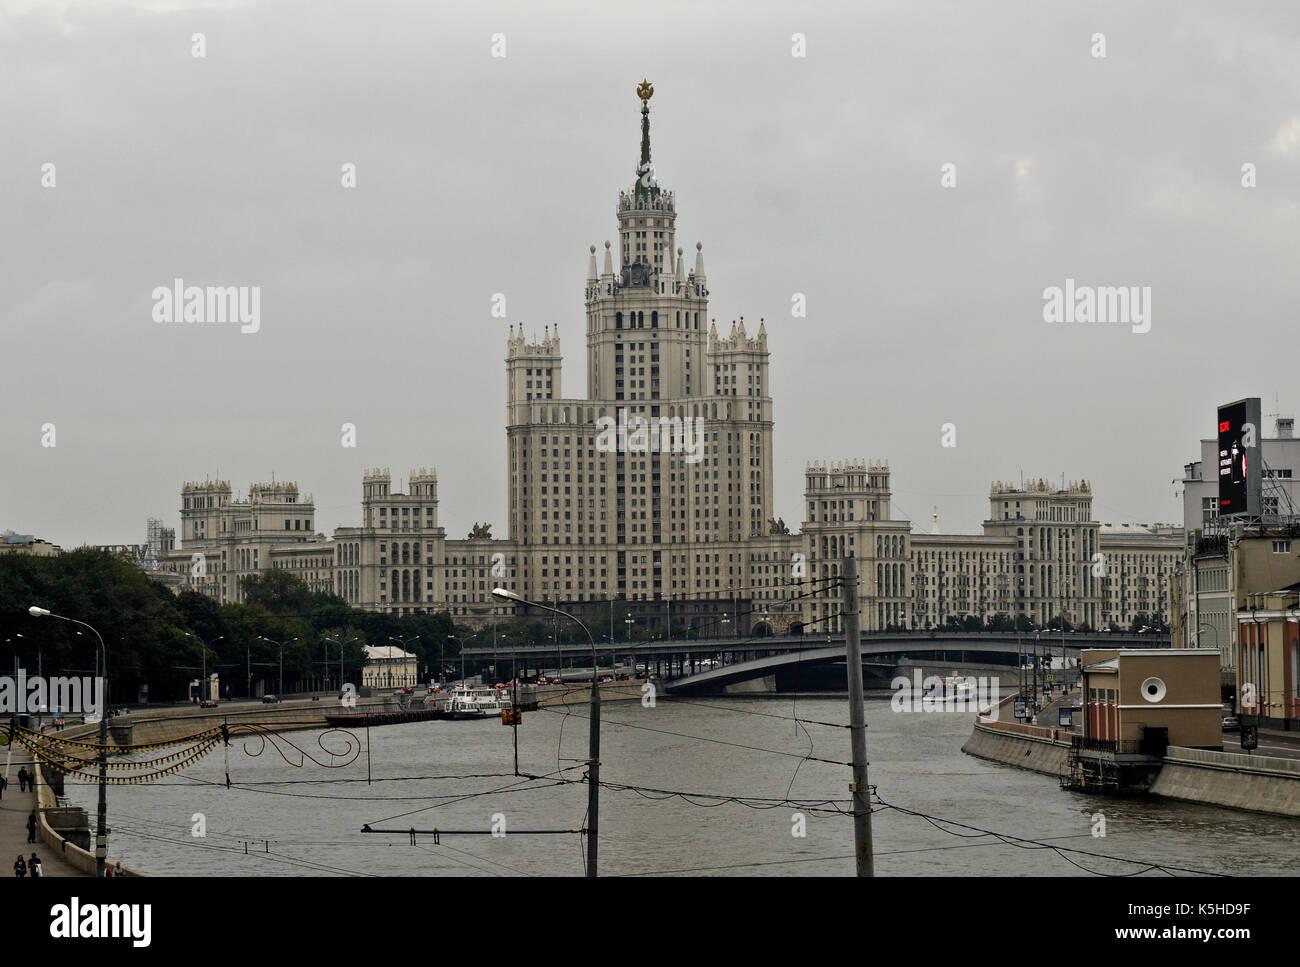 soviet soviet royal casino